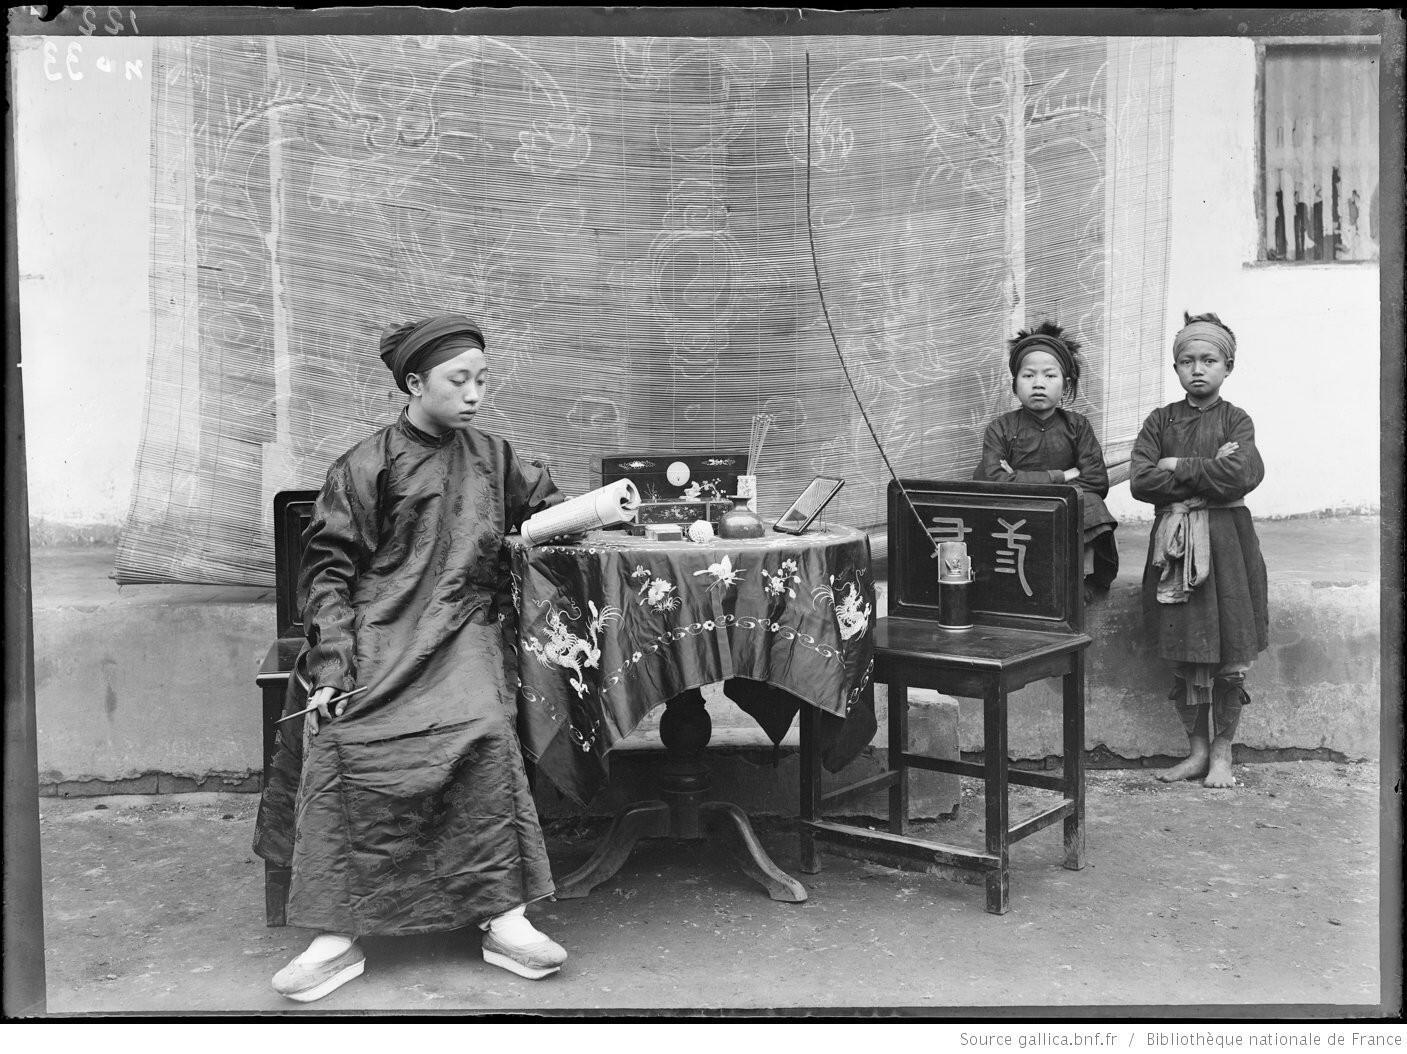 Trang phục con nhà quan (Vi Van Dinh), Lạng Sơn, Bắc Kỳ, năm 1896.